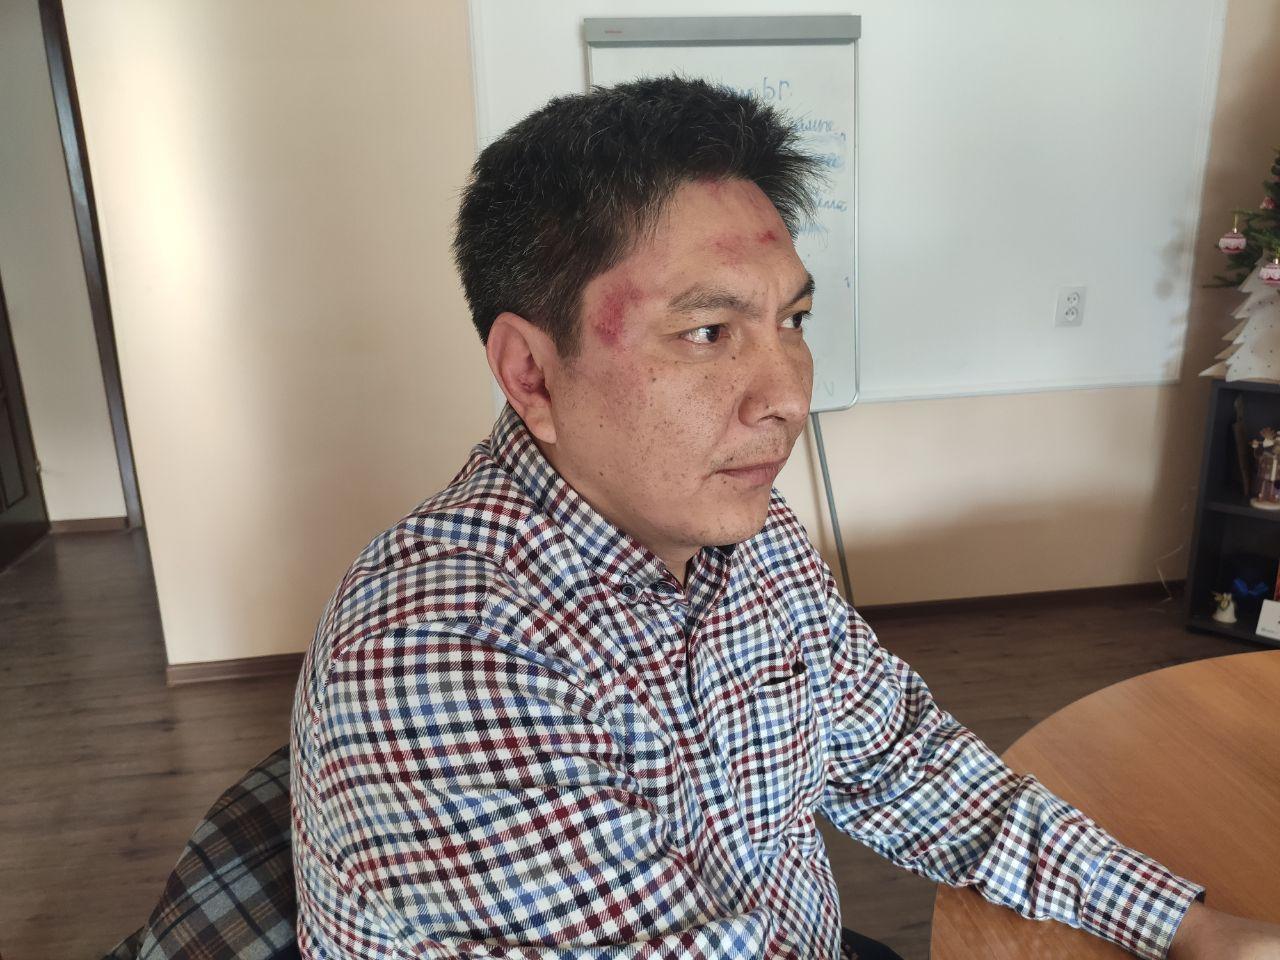 Болат Темиров после нападения. Фото: фейсбук-страница FactCheck KG